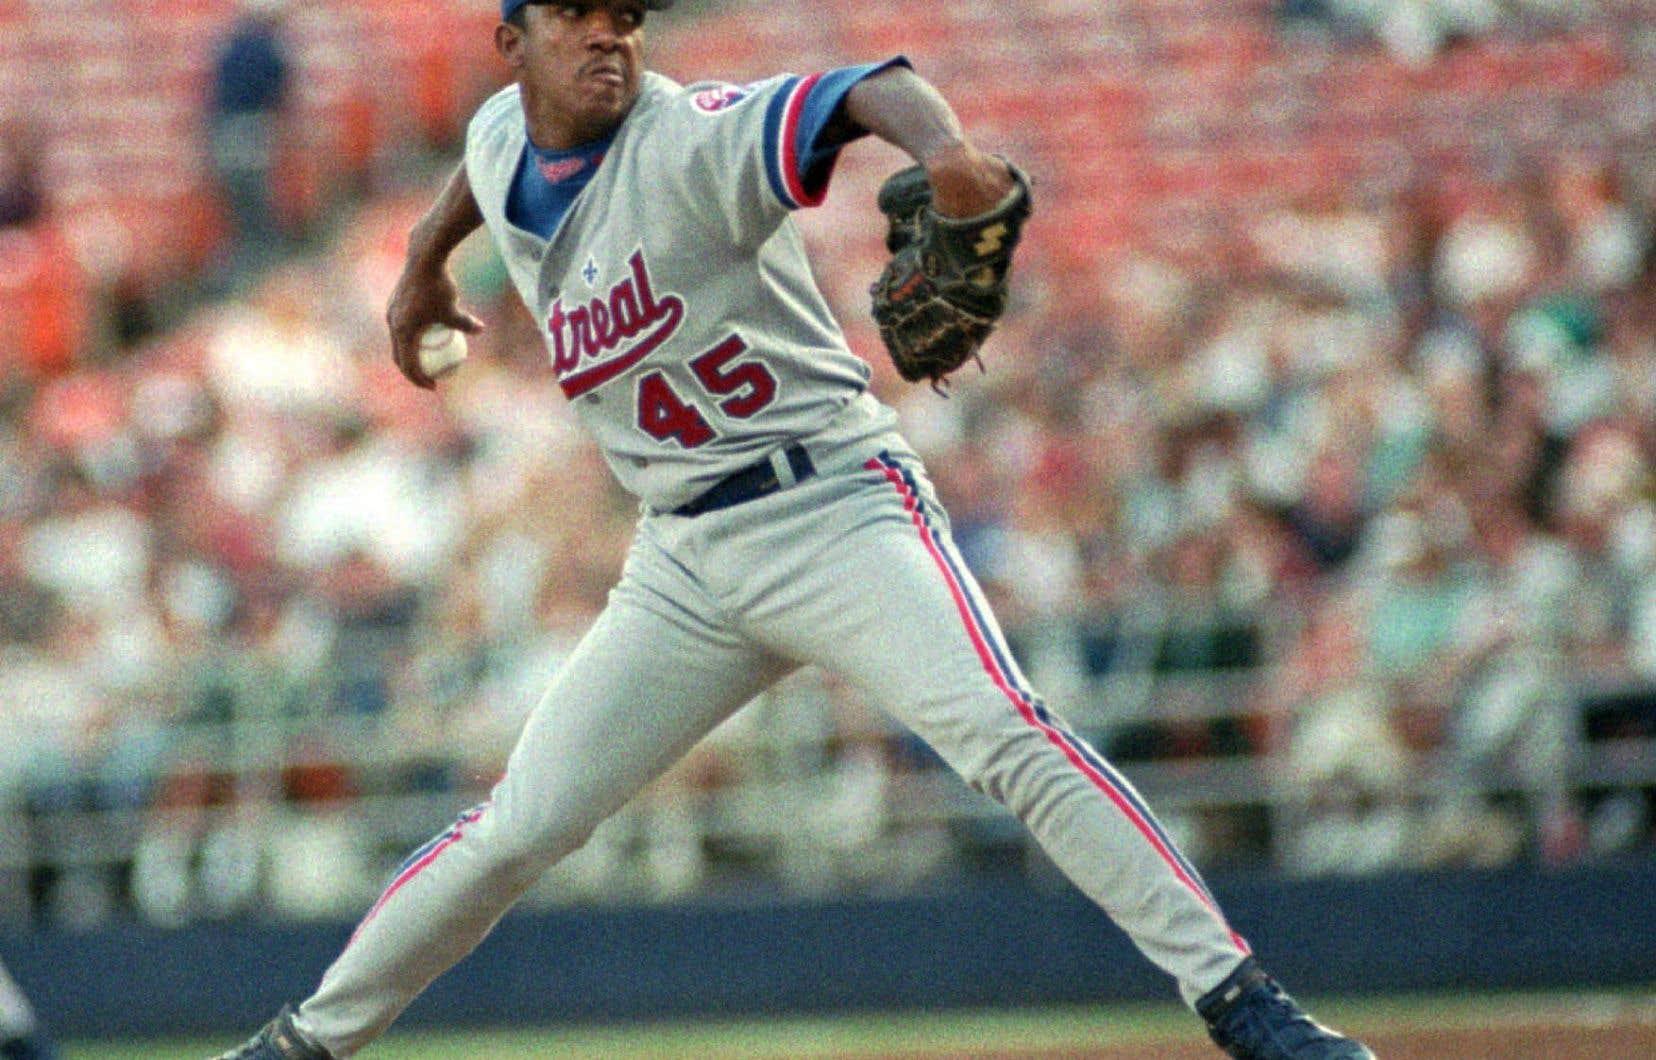 Pedro Martinezétait le quatrième partant de la rotation des Expos de Montréal de 1994.